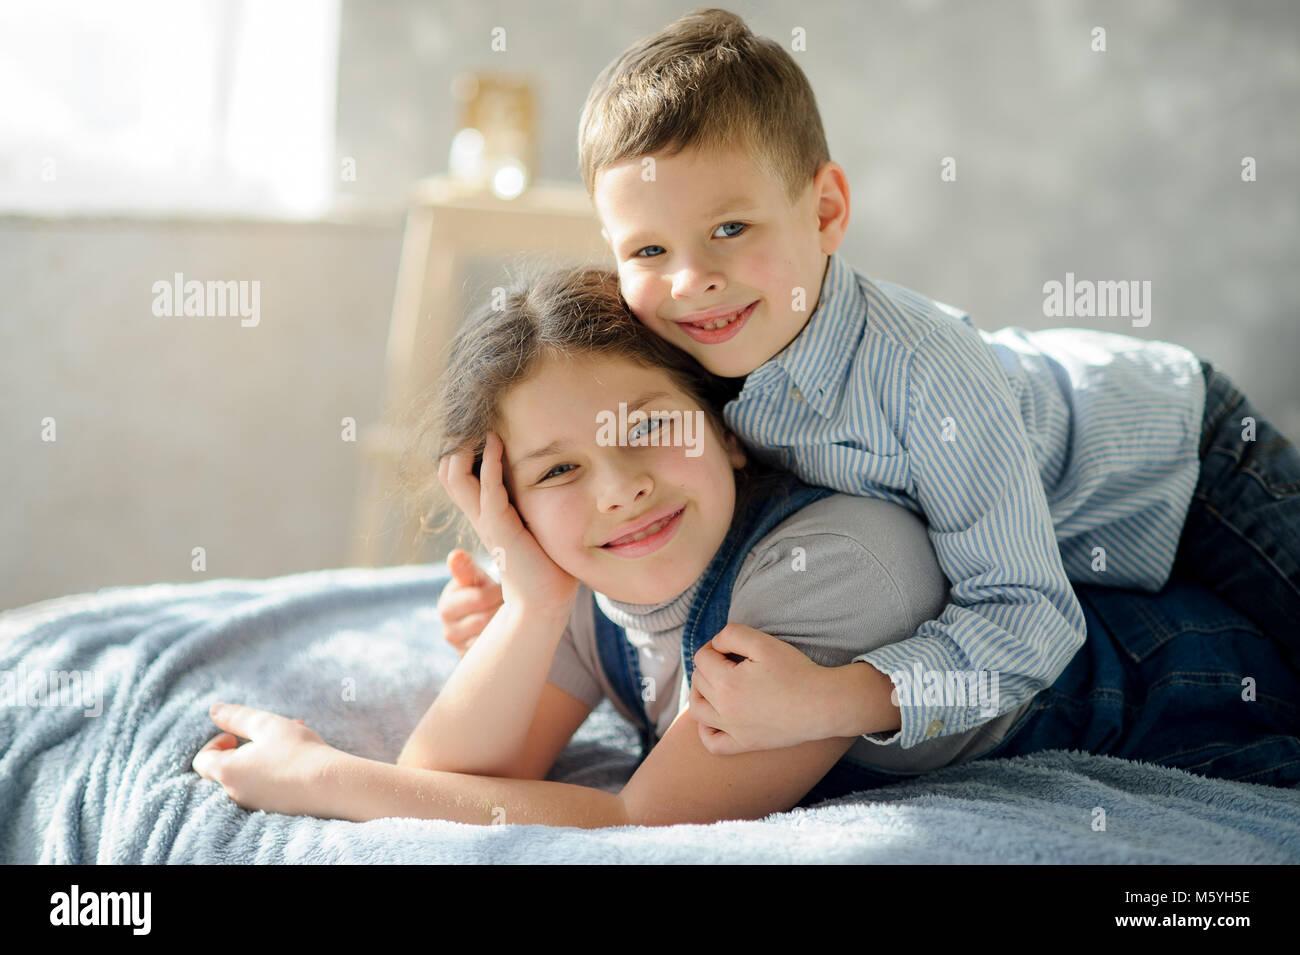 Русское брат кончил в сестру, Брат зашёл к сестре))) смотреть онлайн видео брат 6 фотография